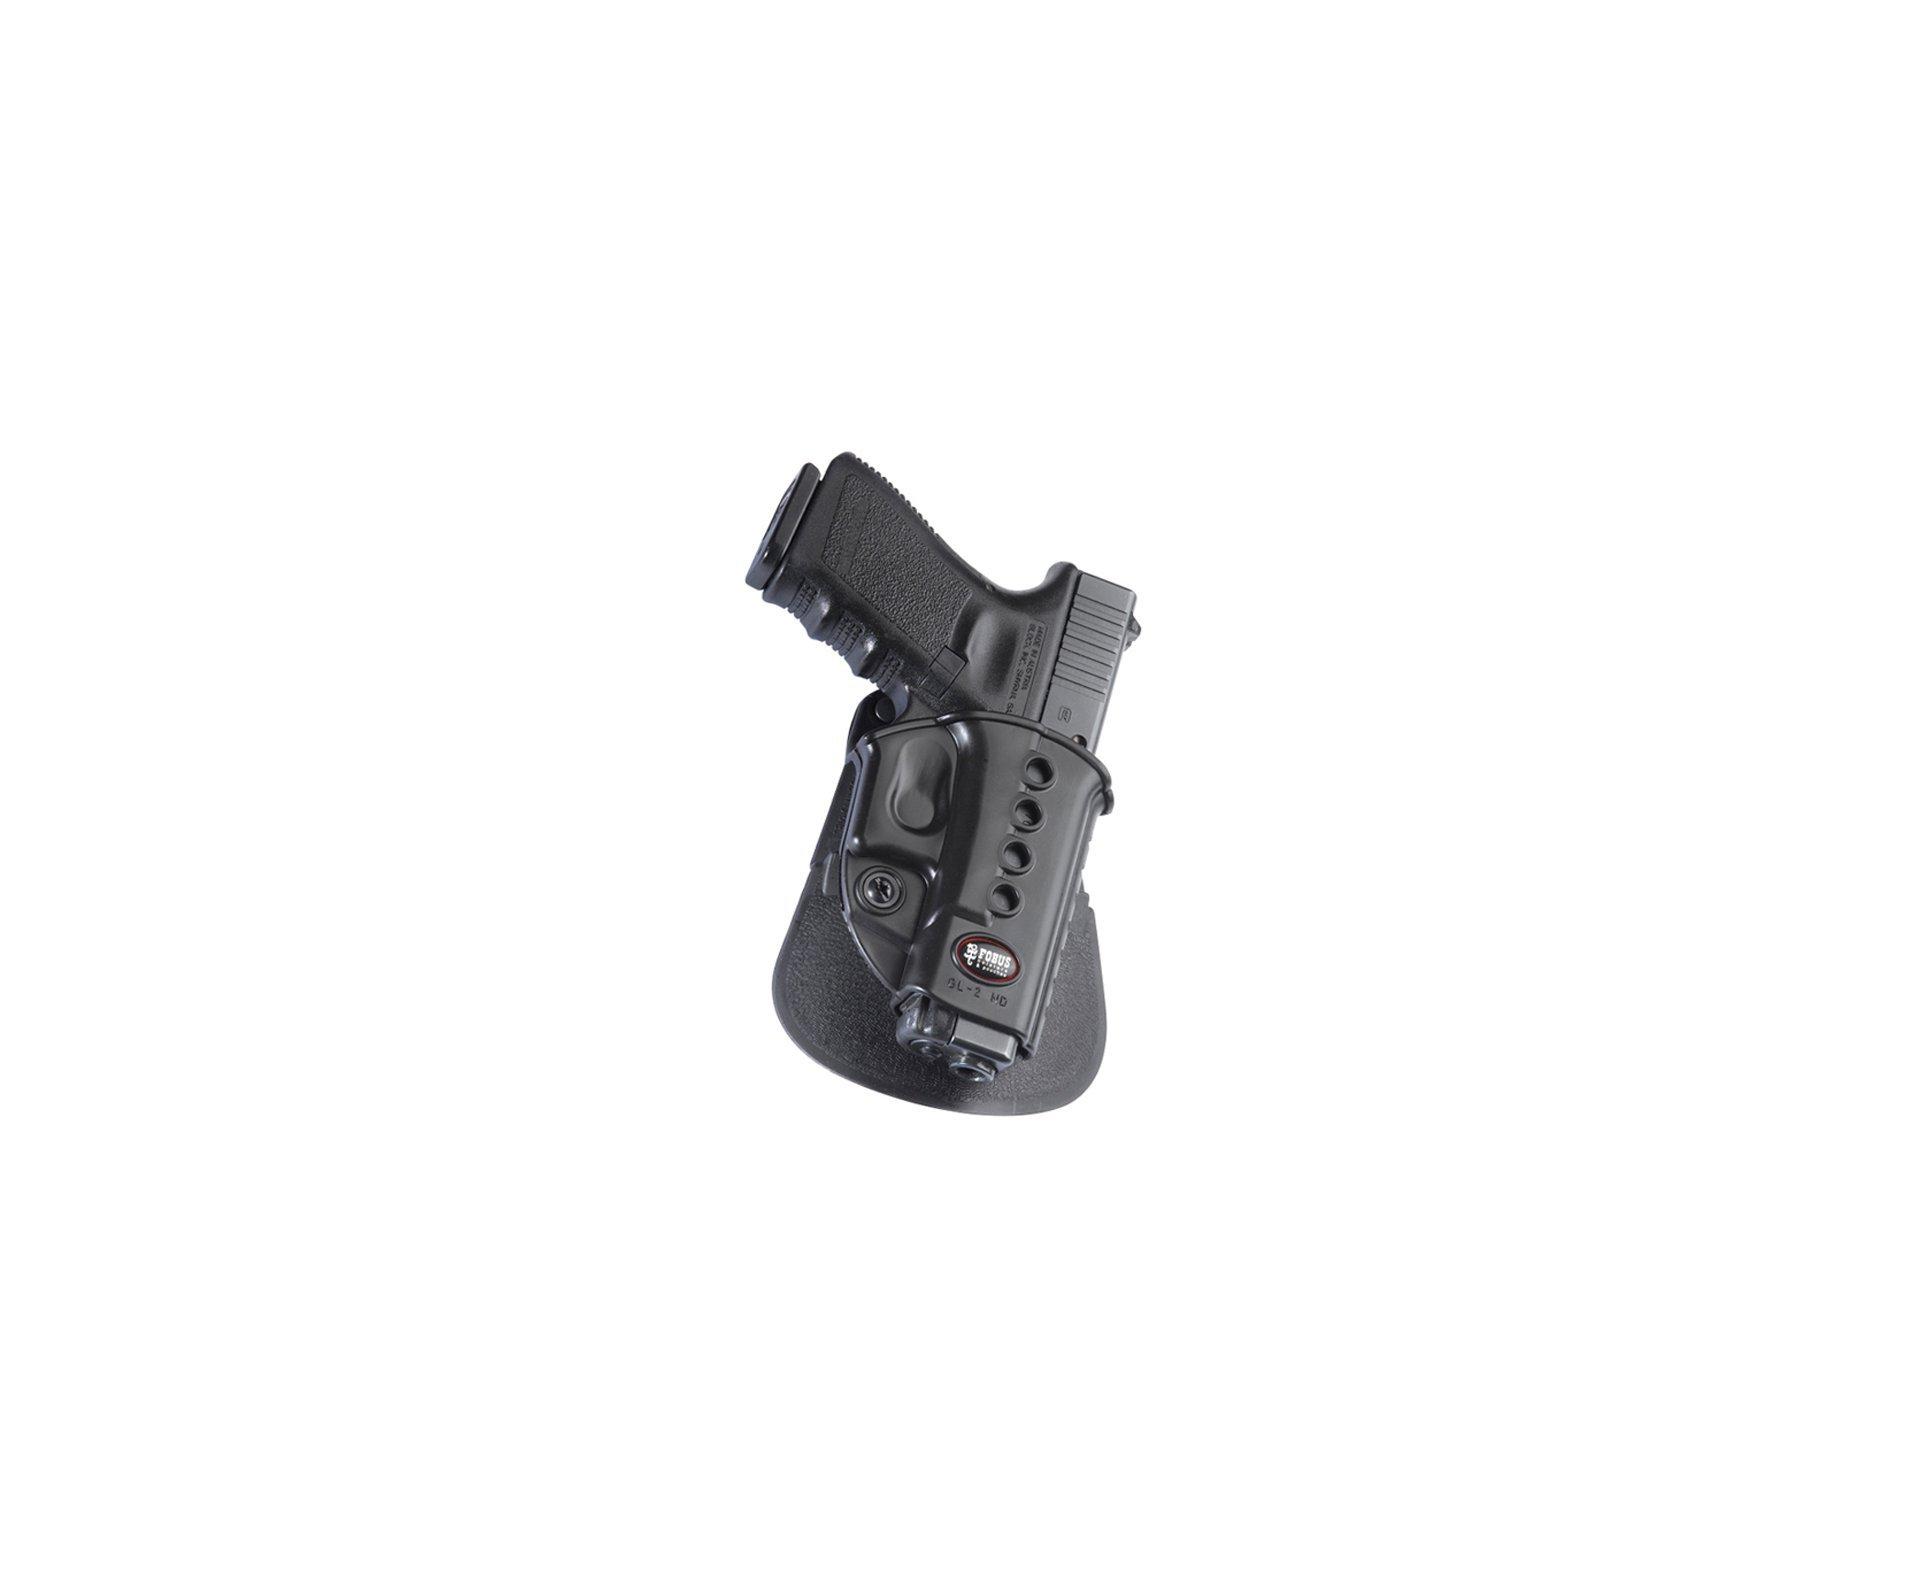 Coldre Fobus De Polimero Para Glock 17/19/22/23/25/34/35 Rotativo